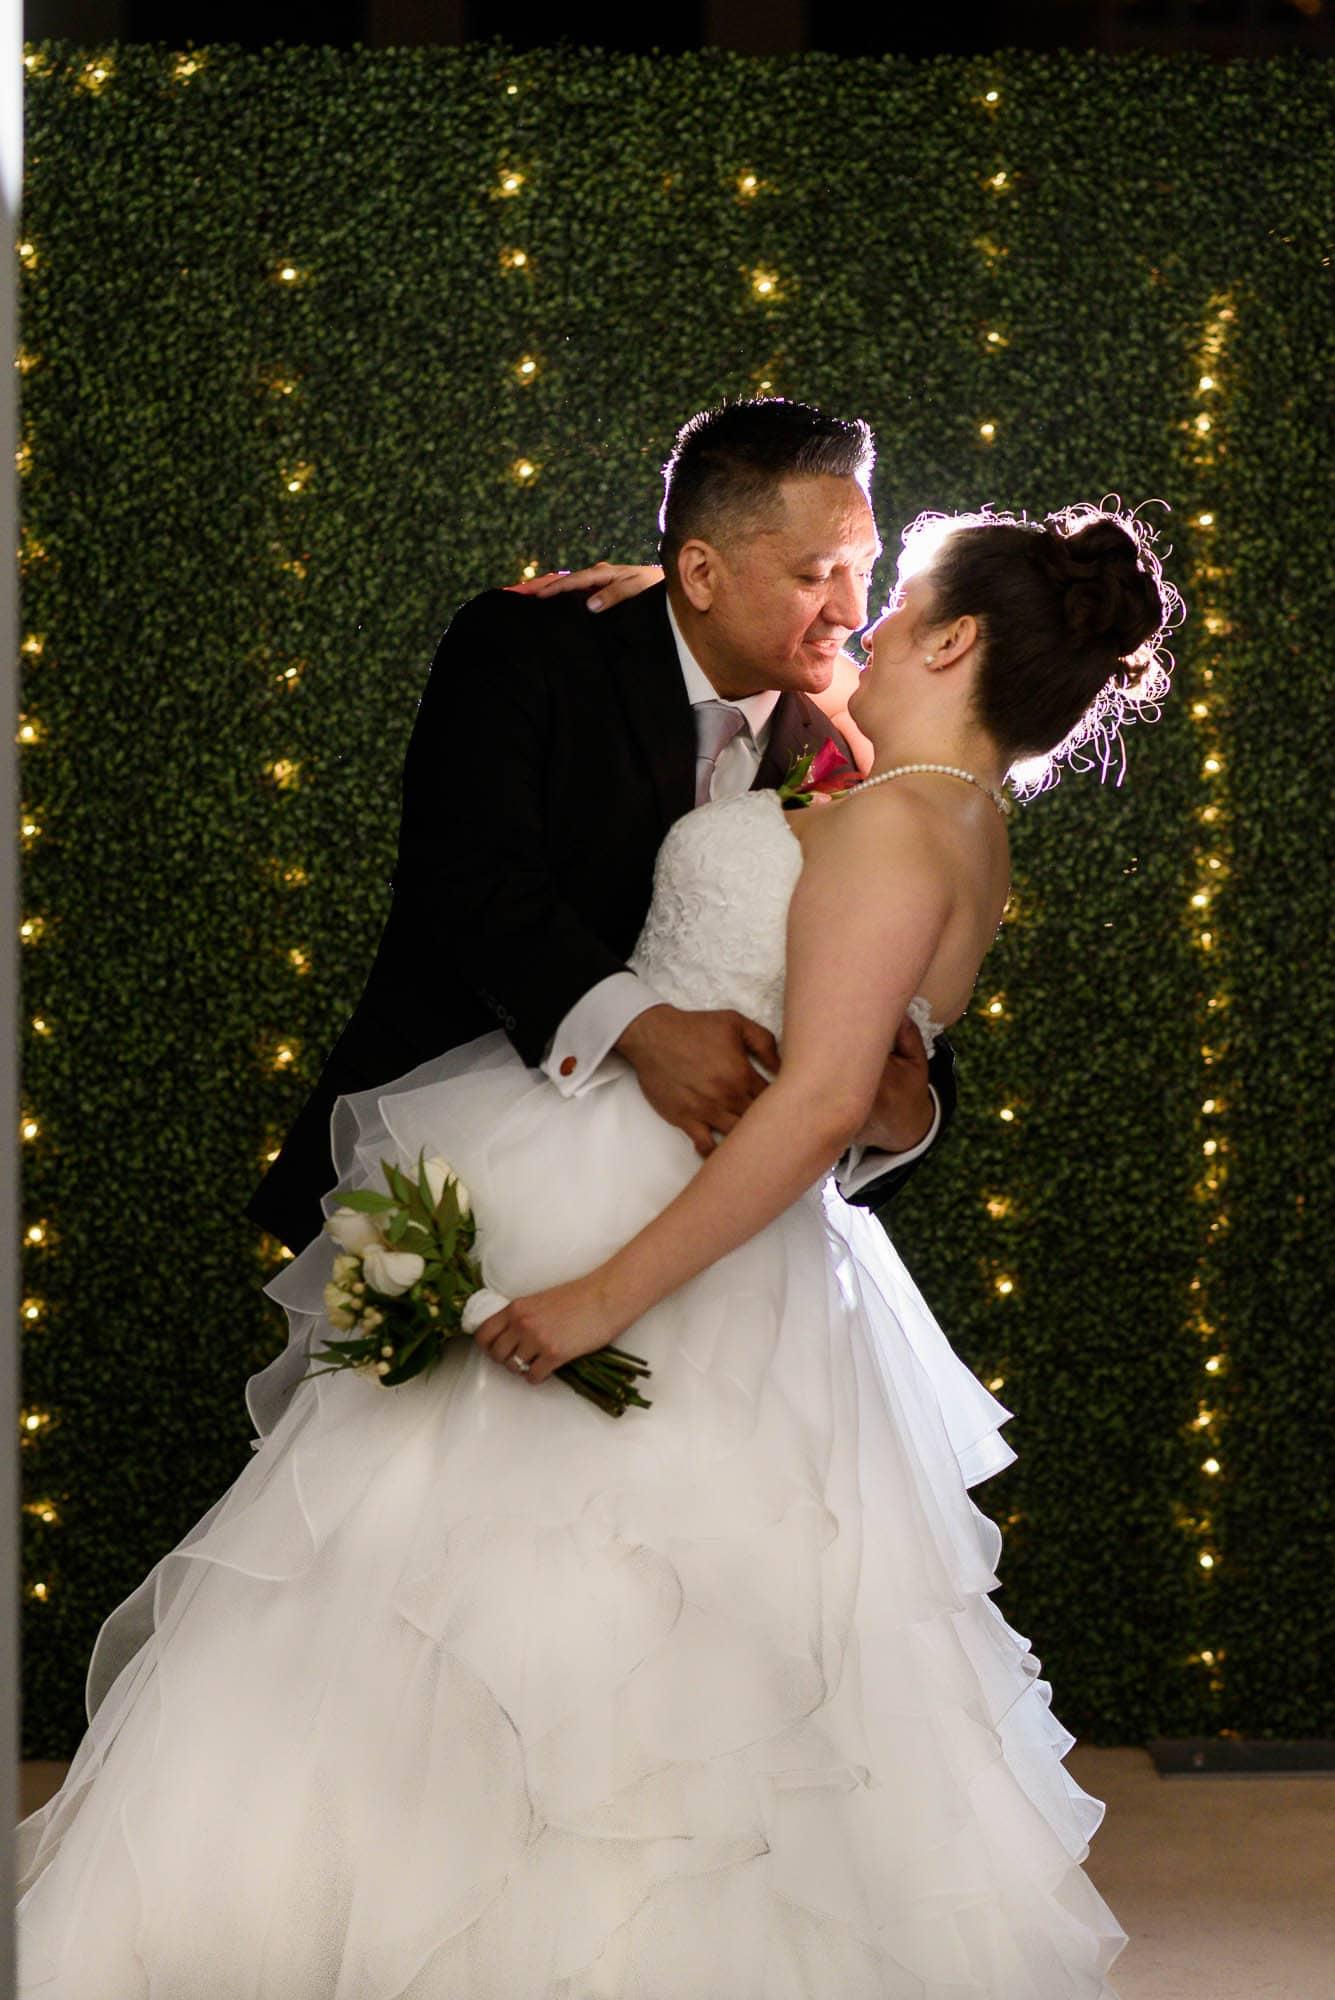 Alan & Heidi westside LA wedding